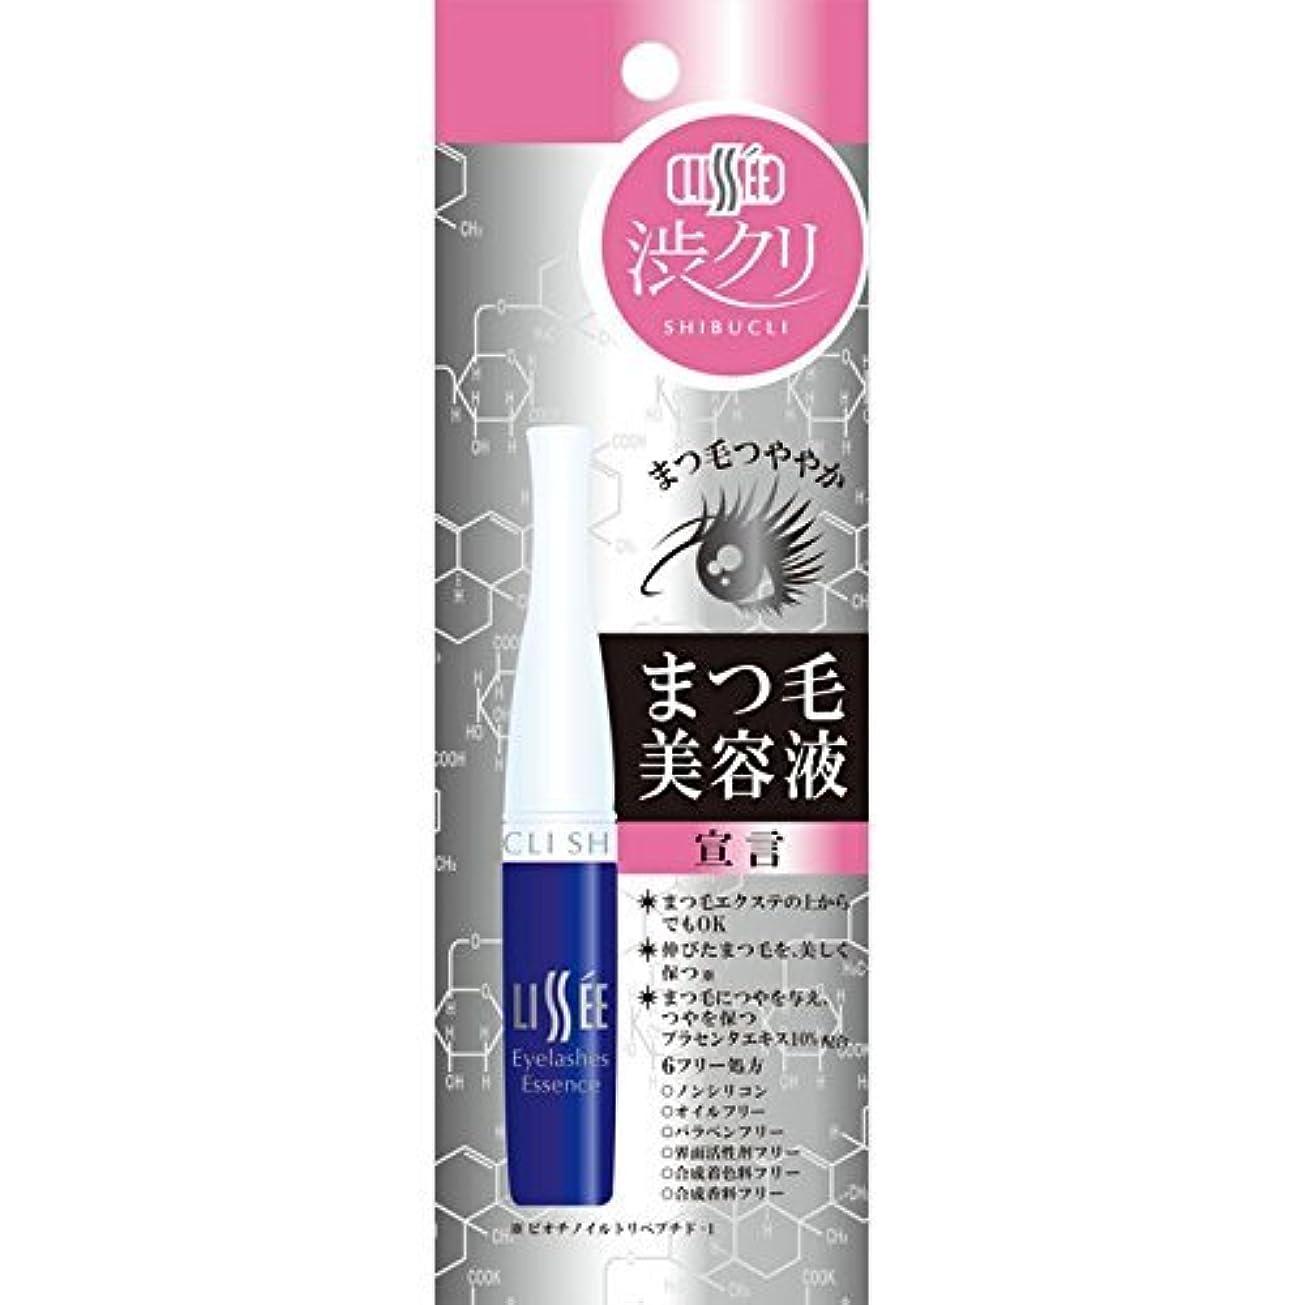 肥料シュガー会社渋クリ リセ まつ毛美容液 6ml